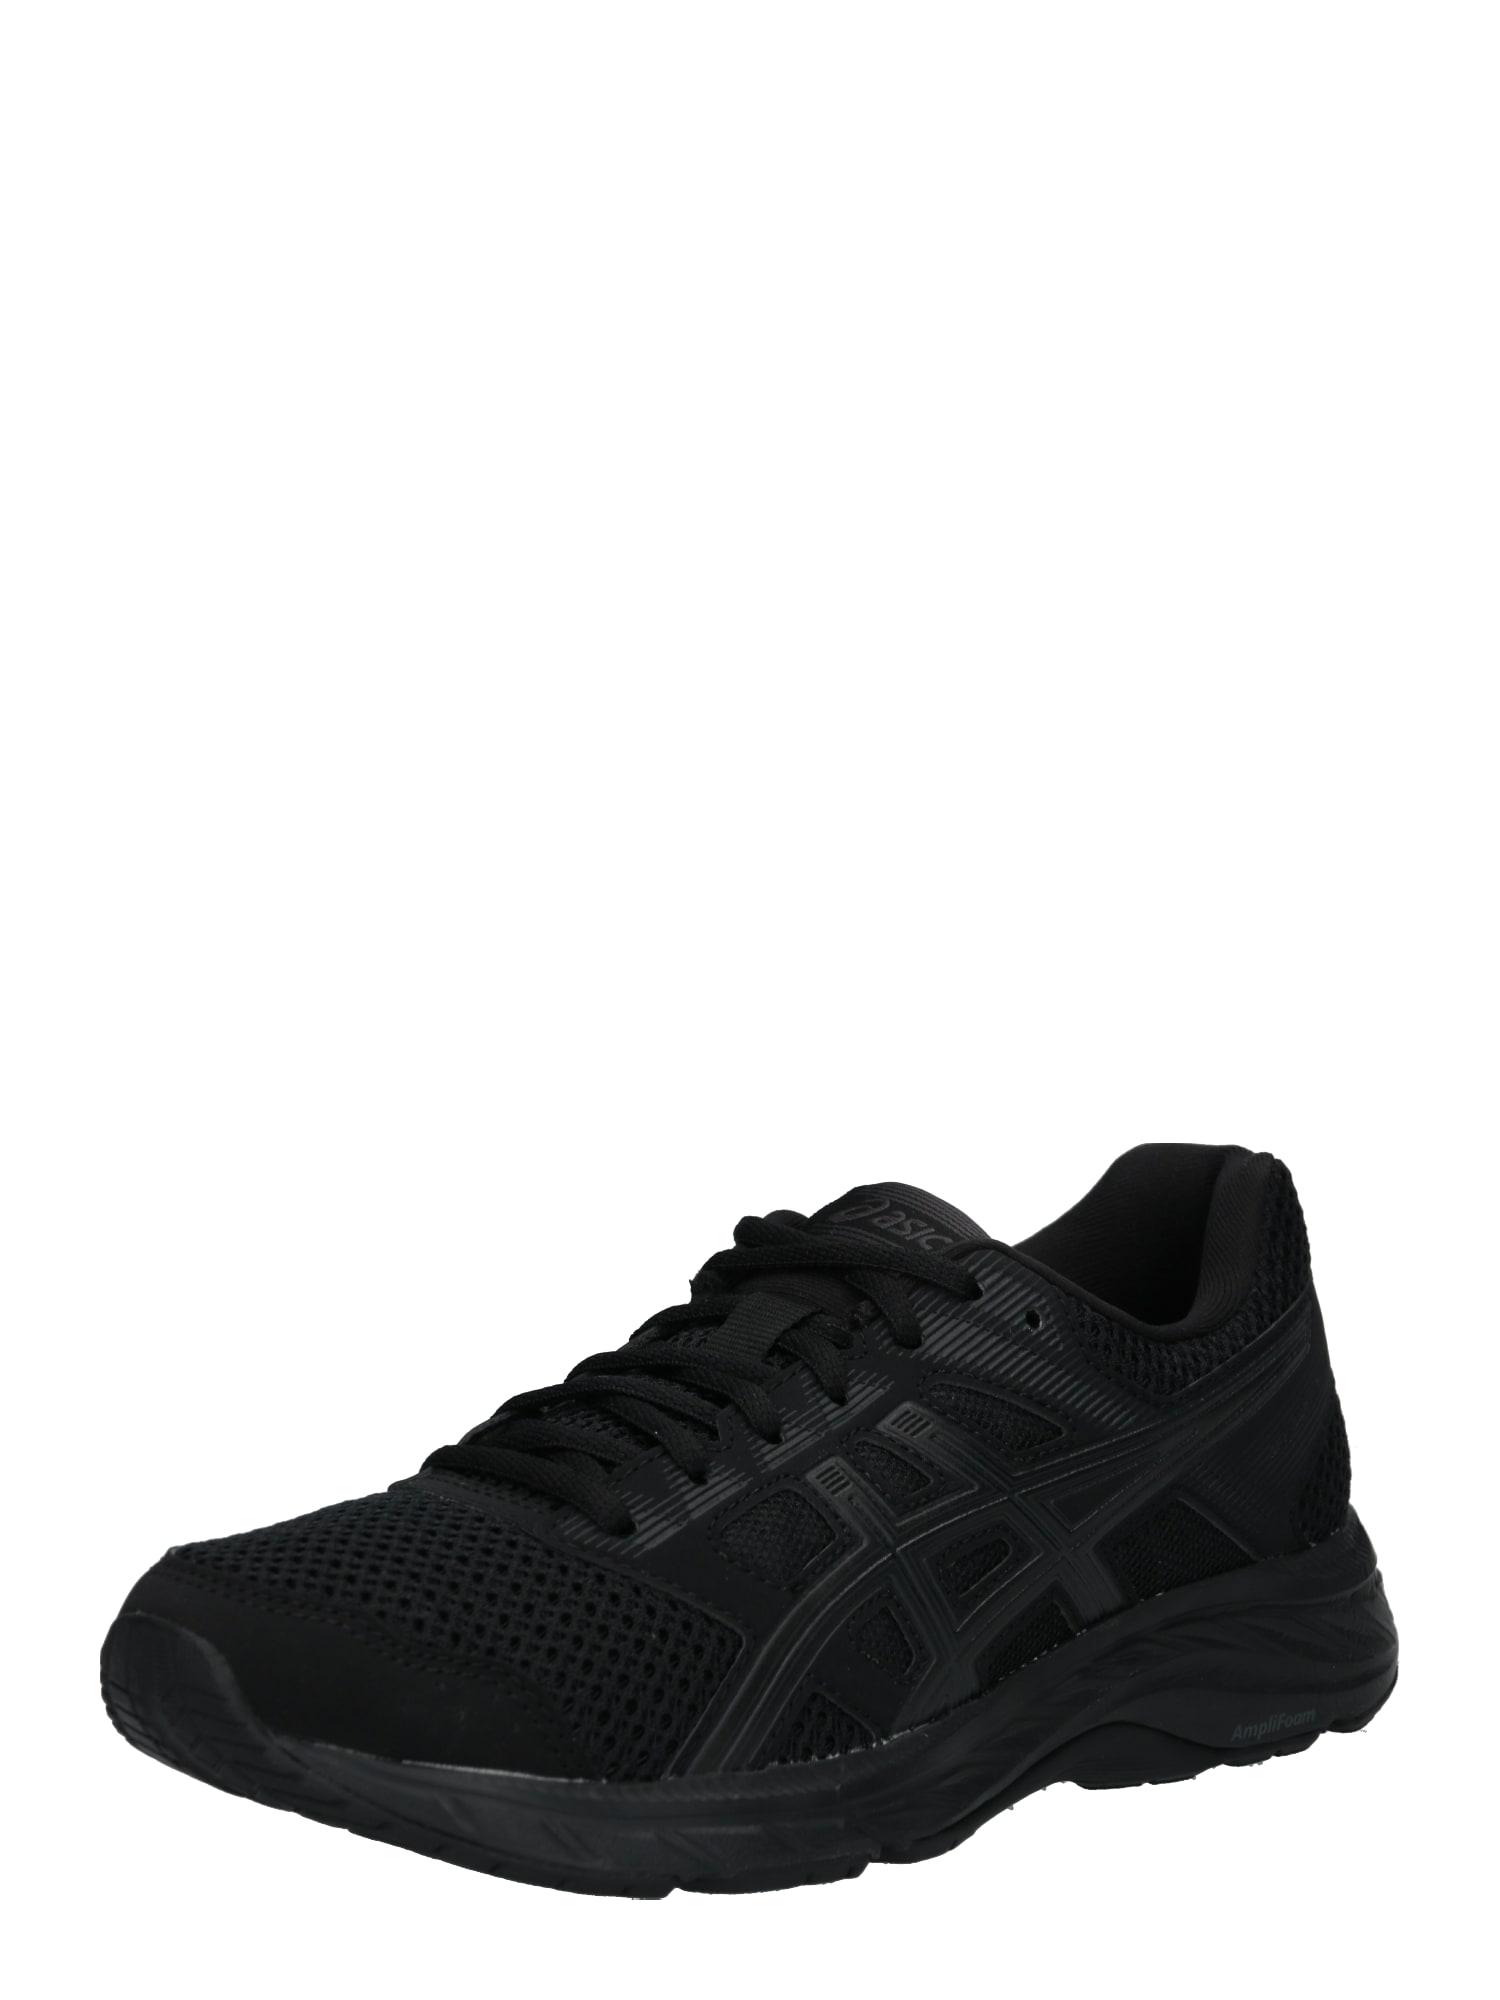 Běžecká obuv GEL-CONTEND 5 tmavě šedá černá ASICS